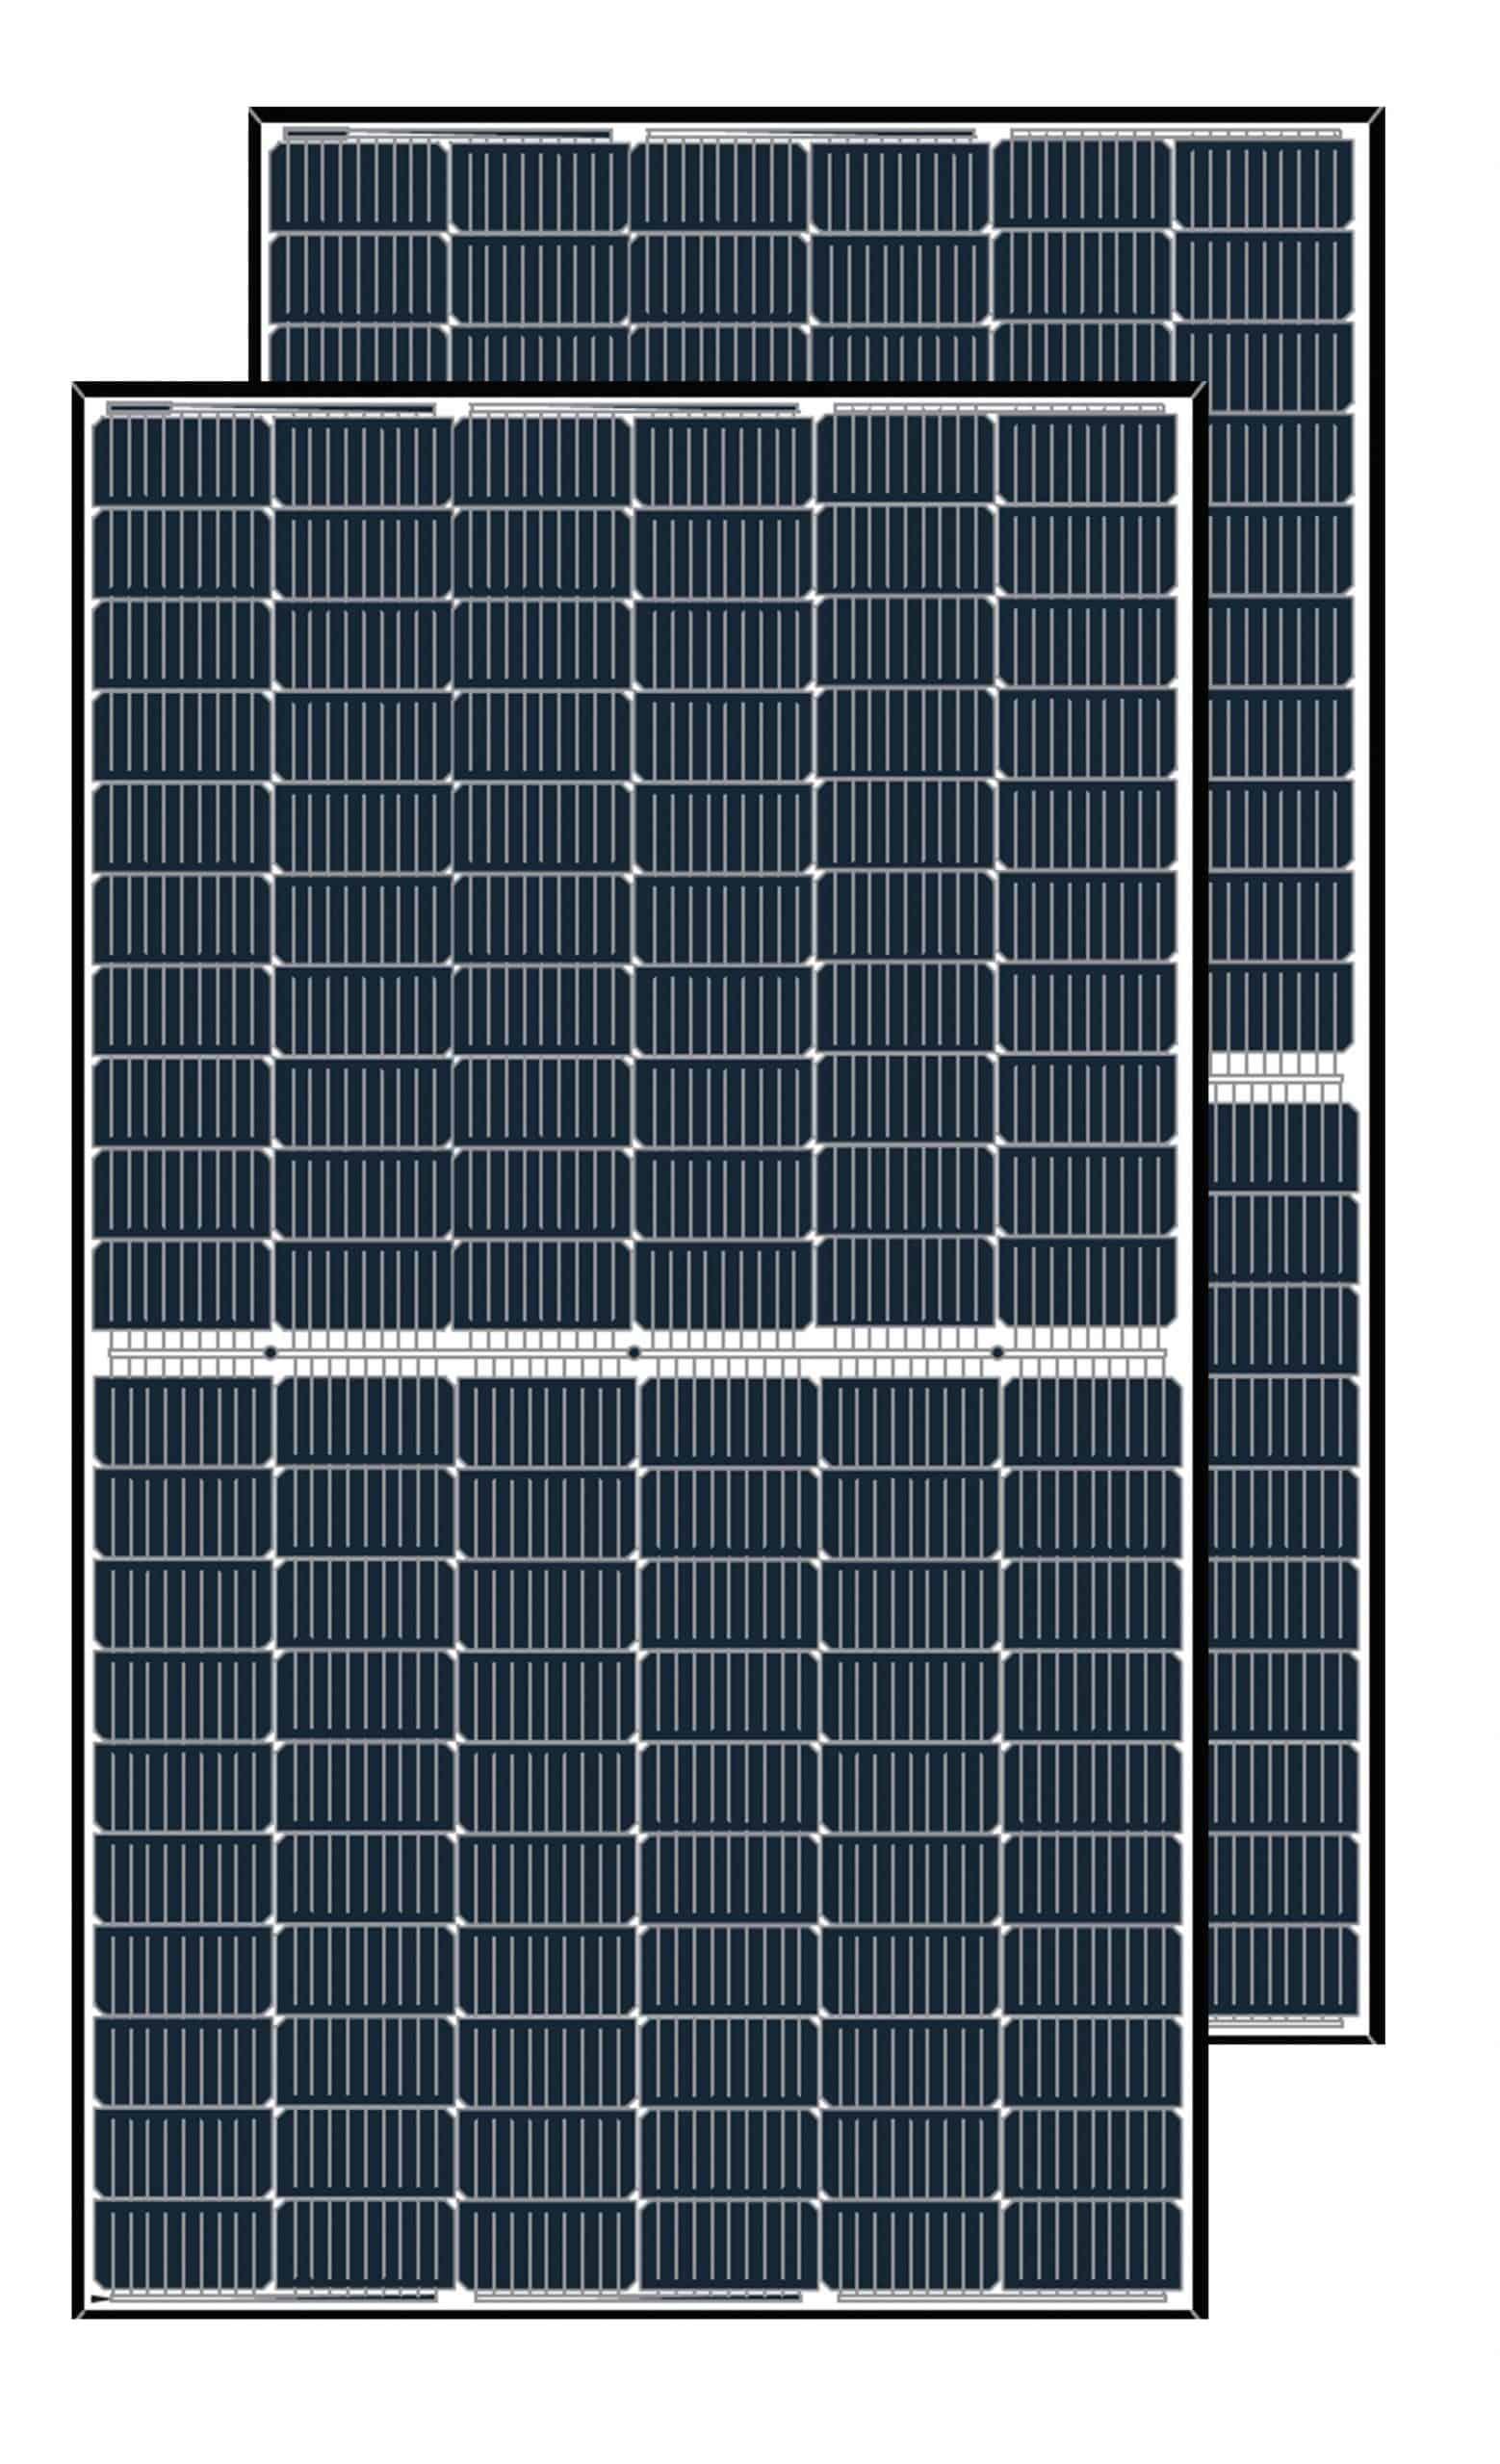 Two LONGi 370w Solar Panels